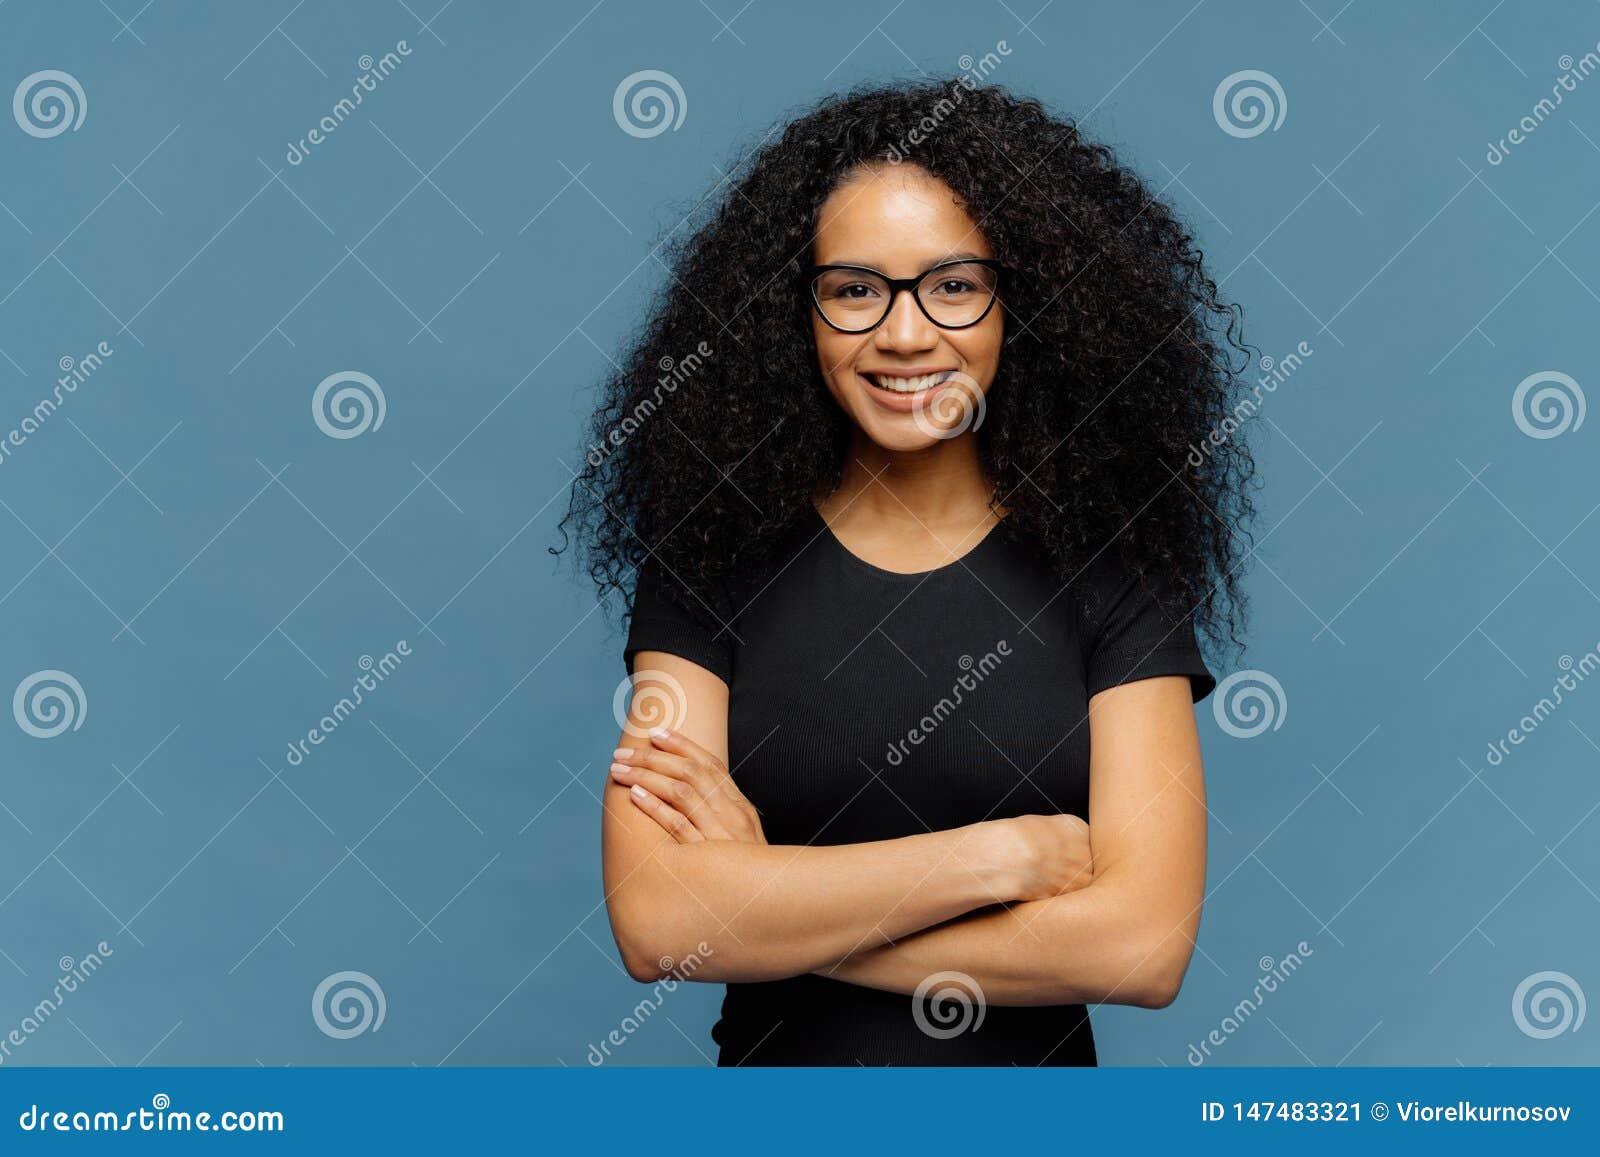 La taille a tiré de la femme afro-américaine de sourire fait plier des bras, porte des lunettes et le T-shirt noir occasionnel, a